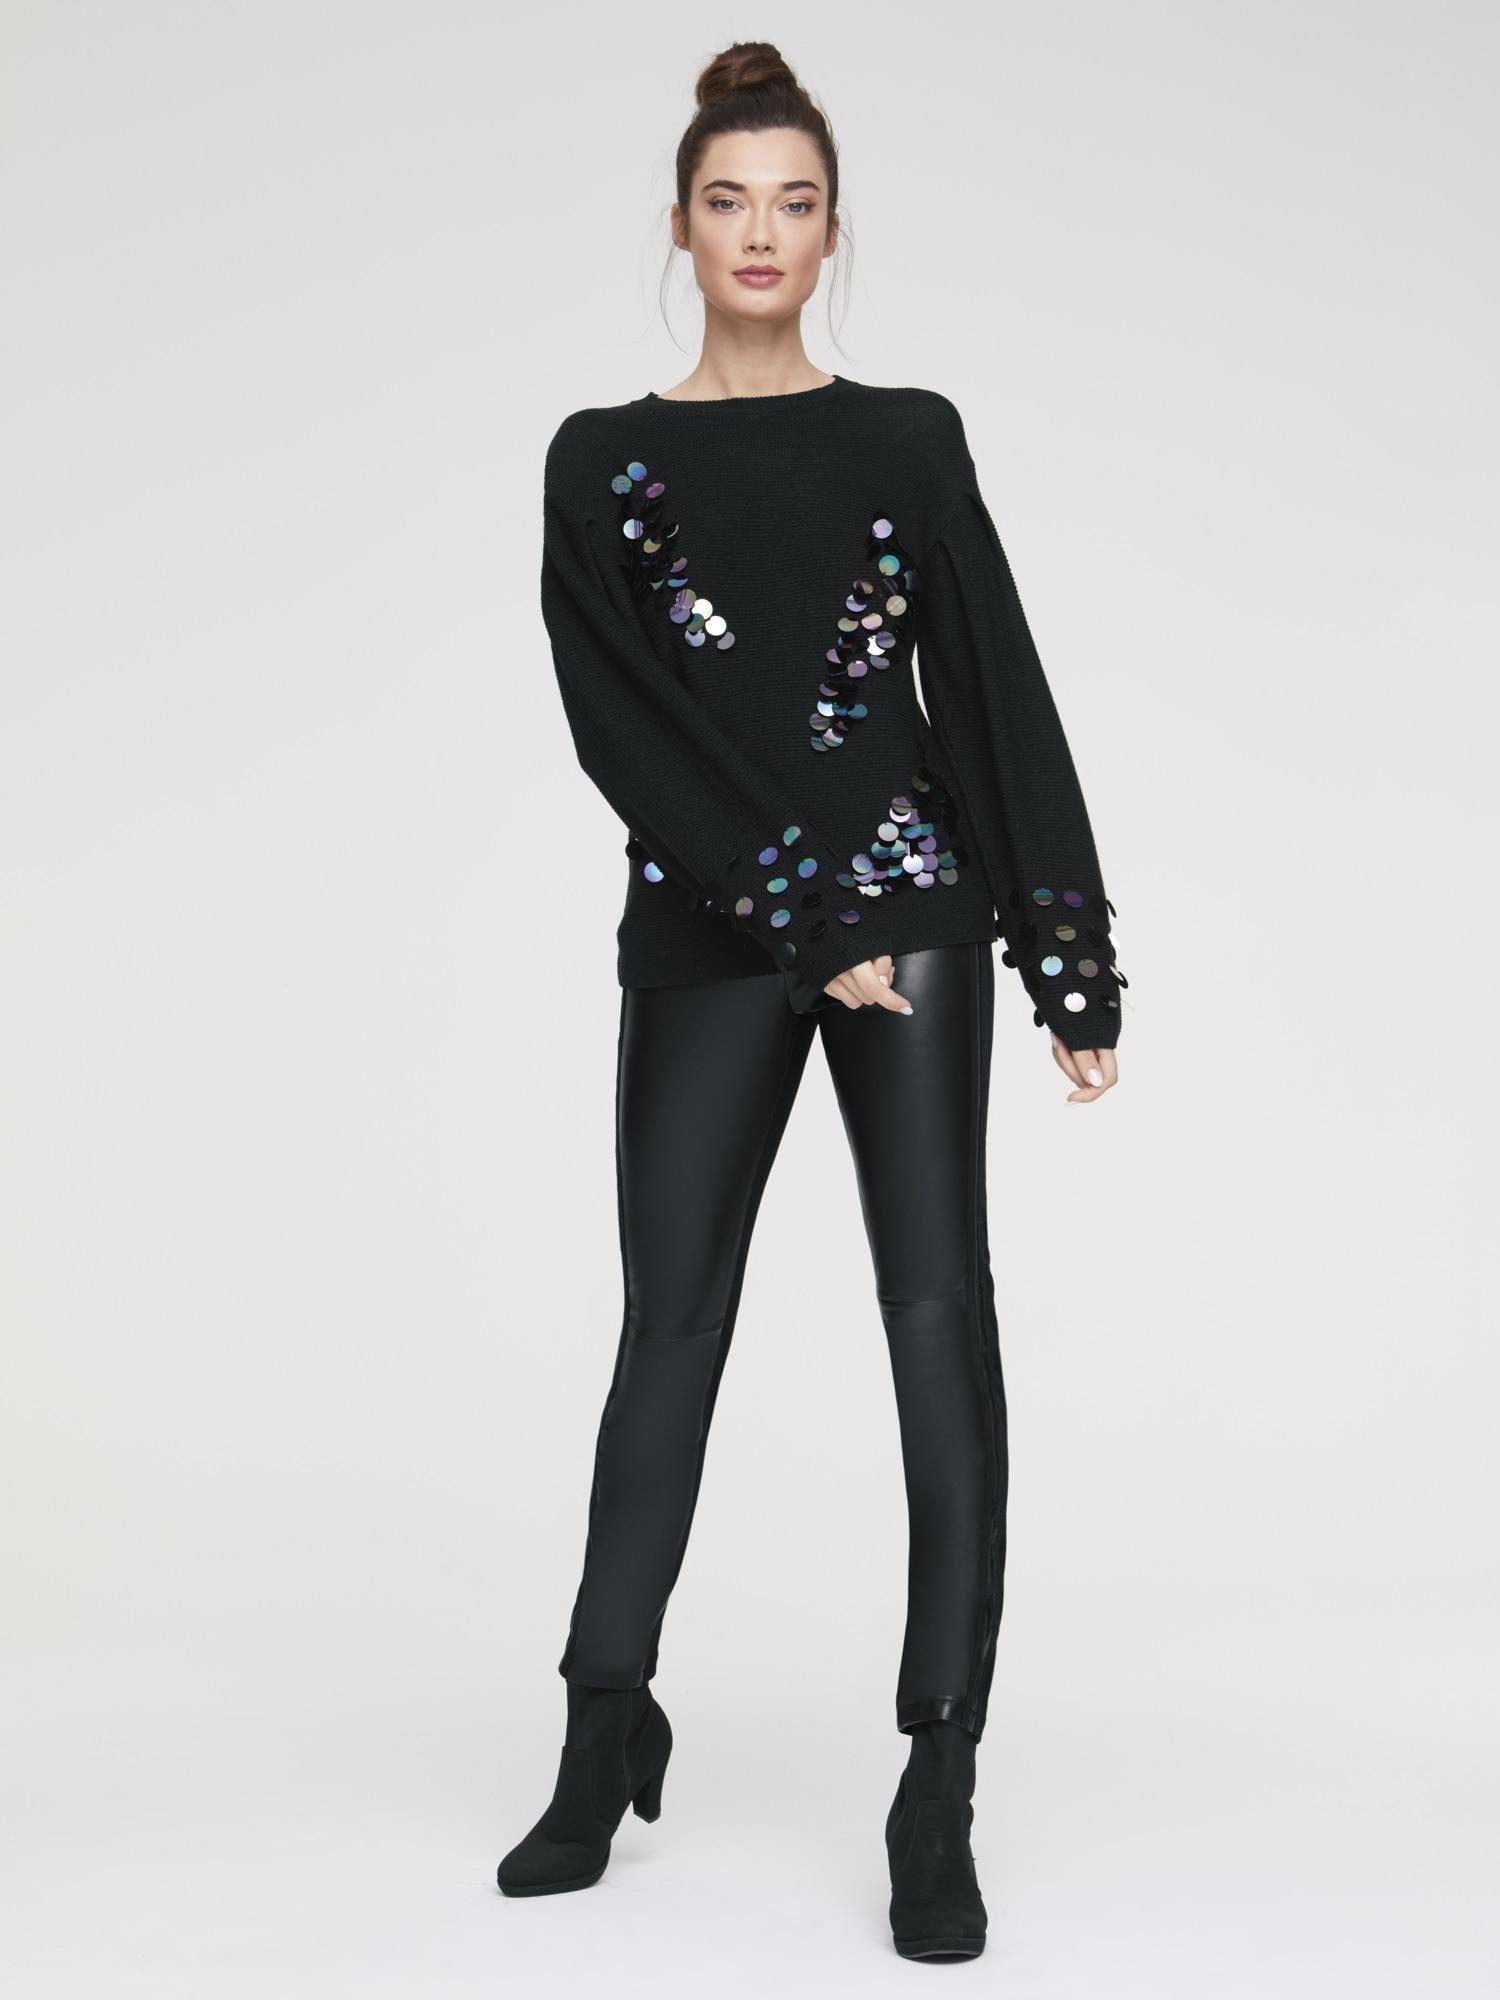 Pullover Online Shop - Geweldige Prijs